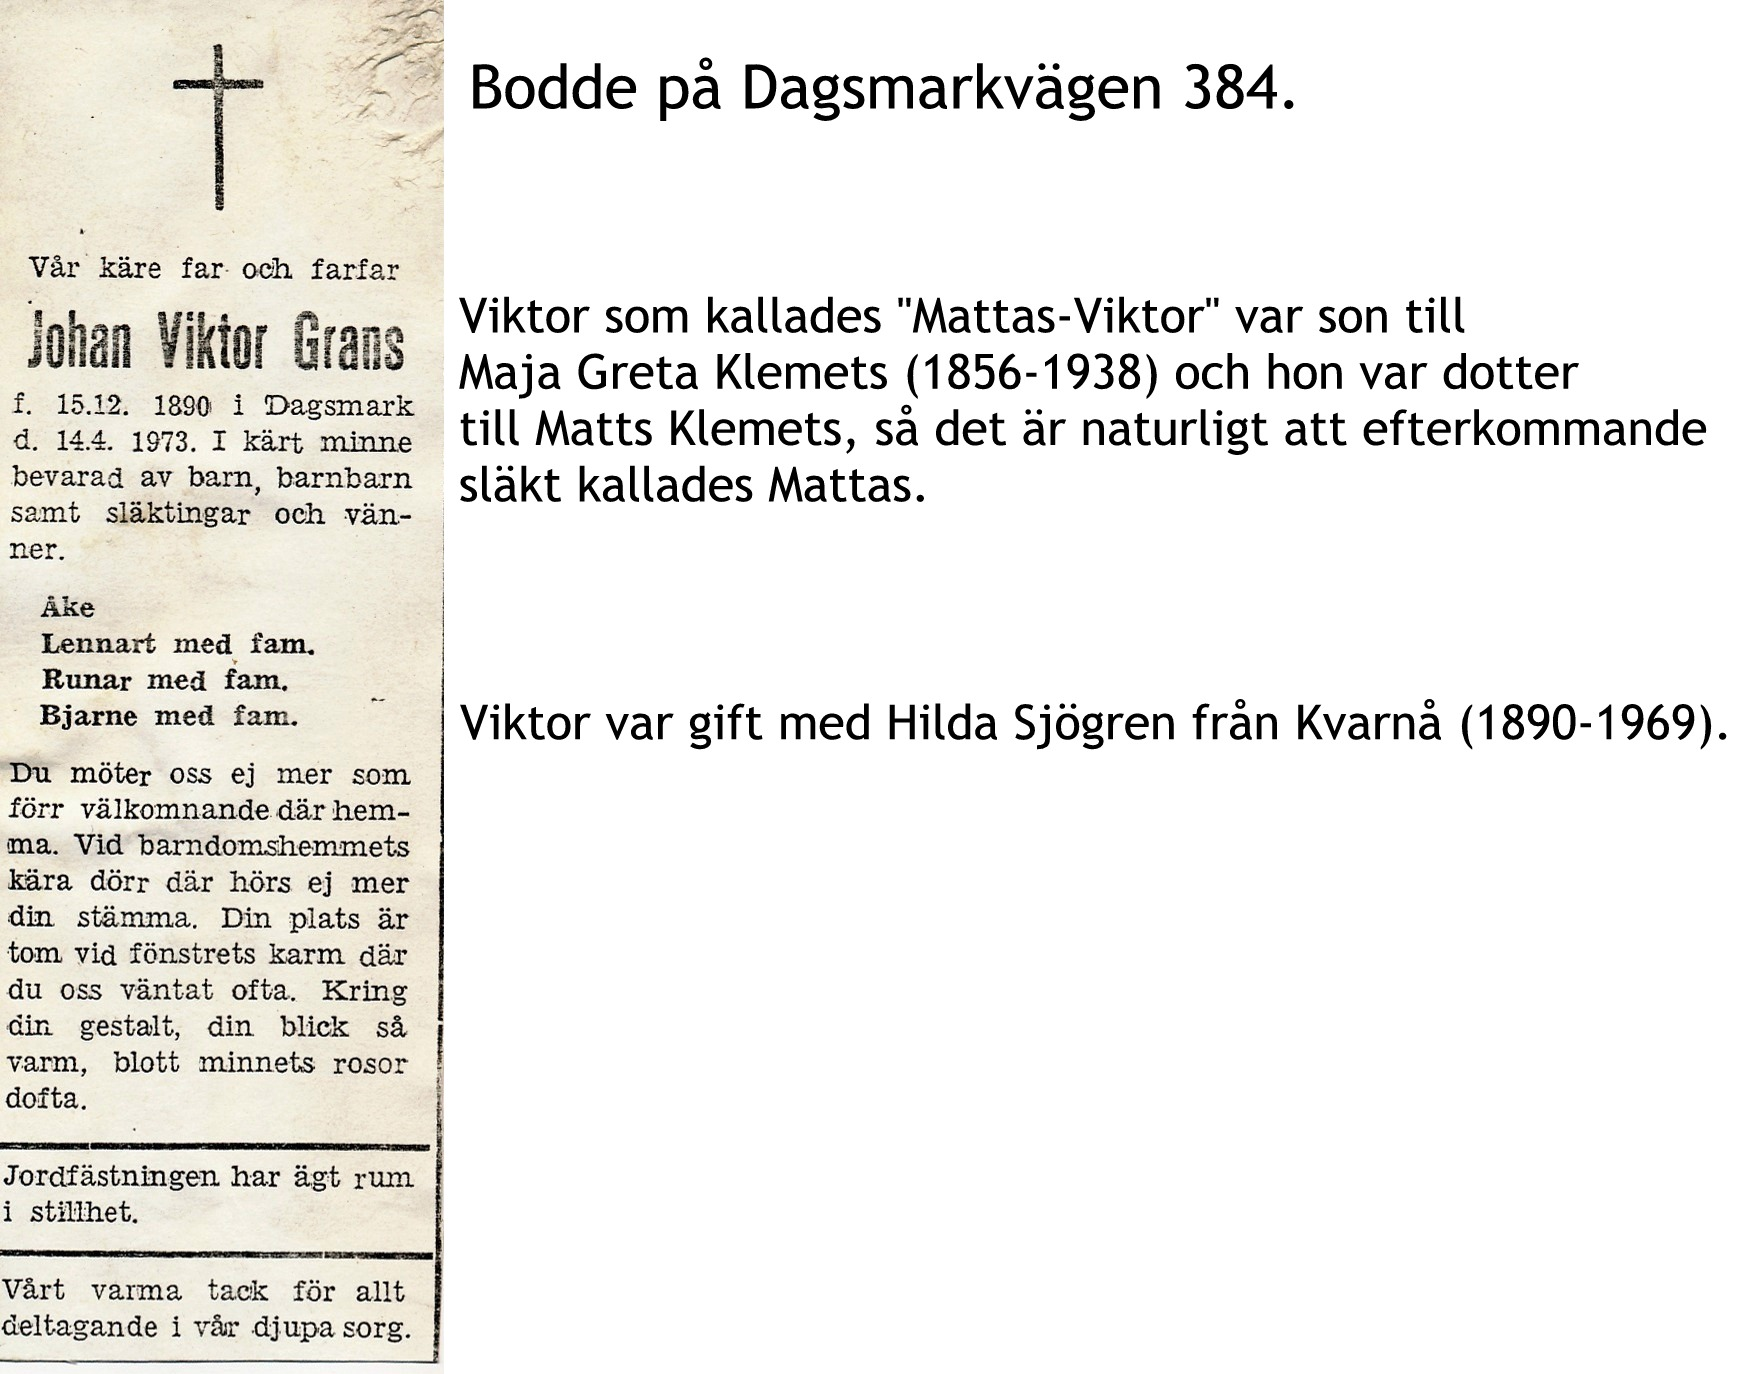 Grans Johan VIKTOR